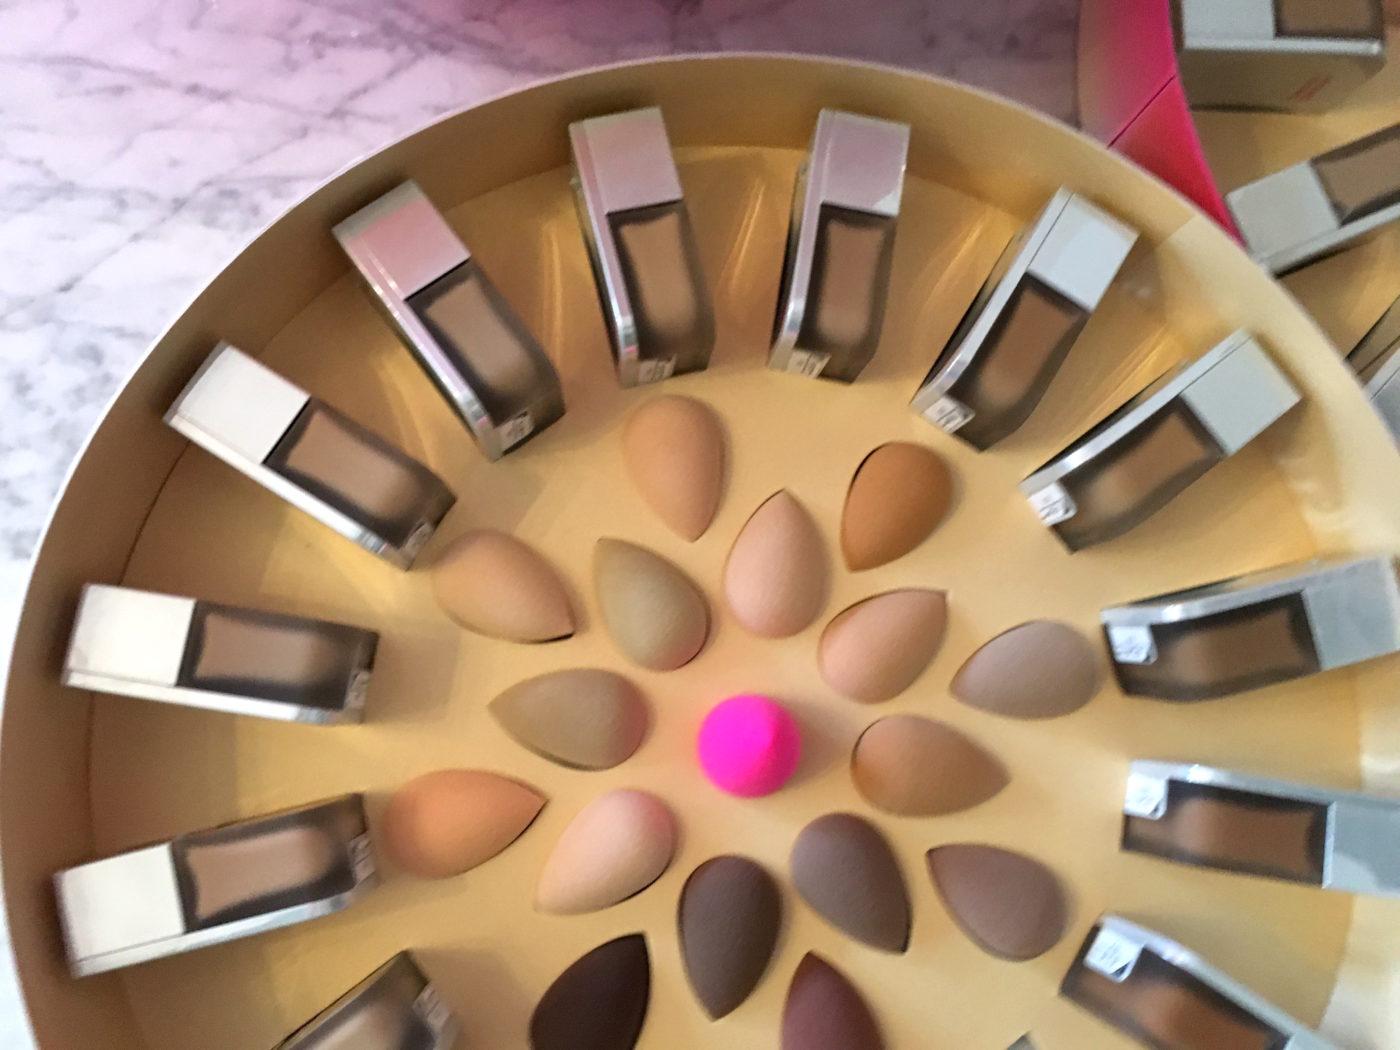 Beautyblender bounce lanseeras i 40 nyanser